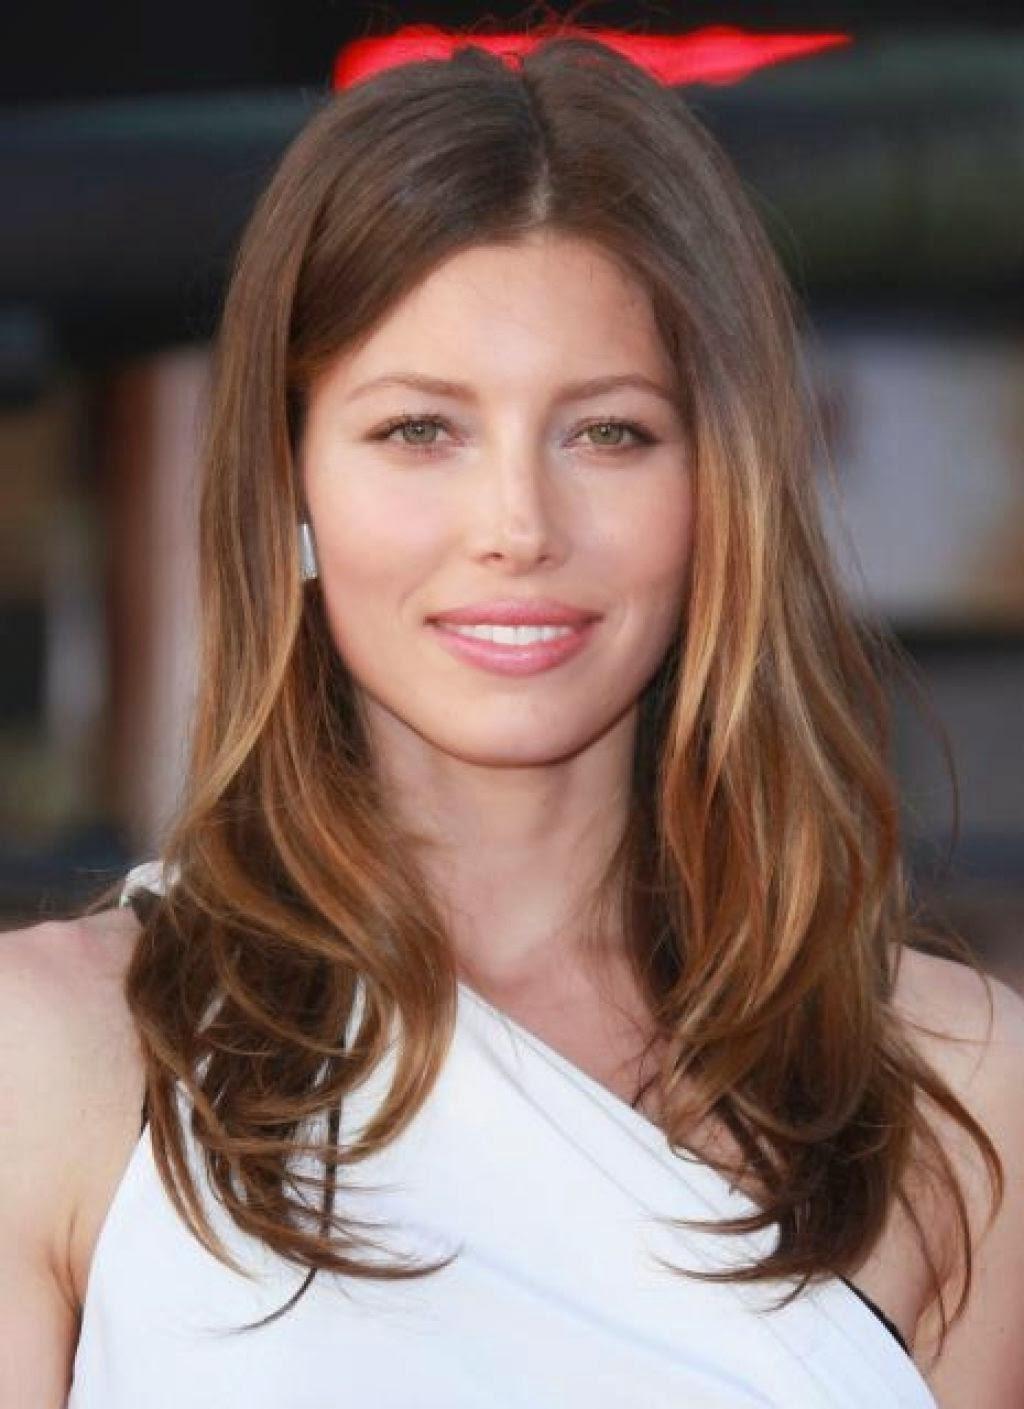 Opgeknipte Kapsels Lang Haar - Vind het ideale kapsel voor jouw gezichtsvorm! StyleToday